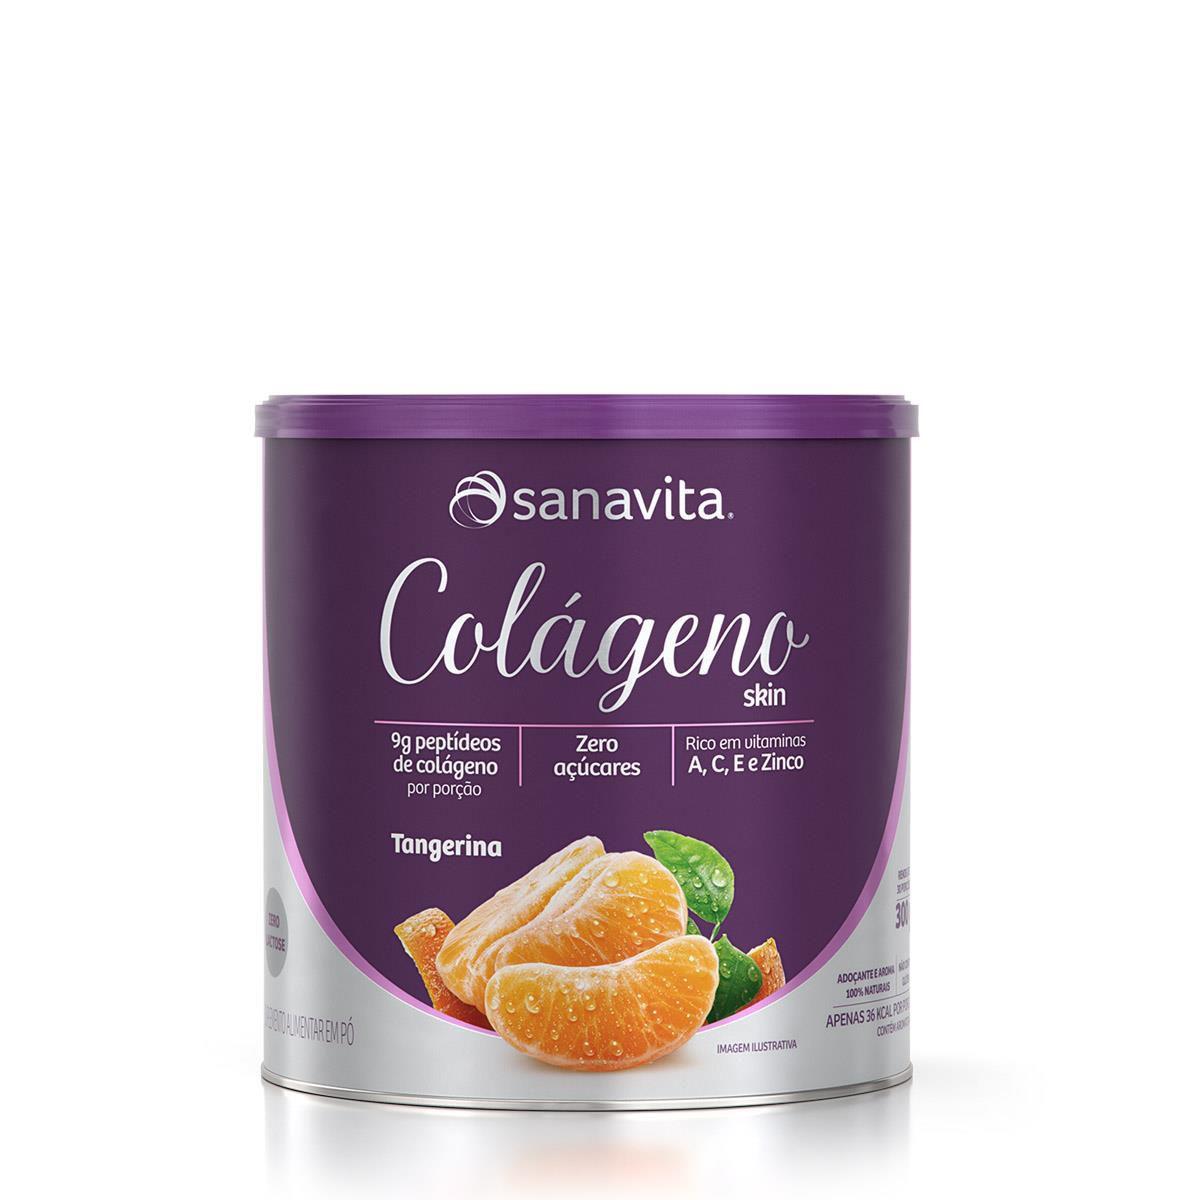 COLÁGENO SKIN TANGERINA 300g - Sanavita